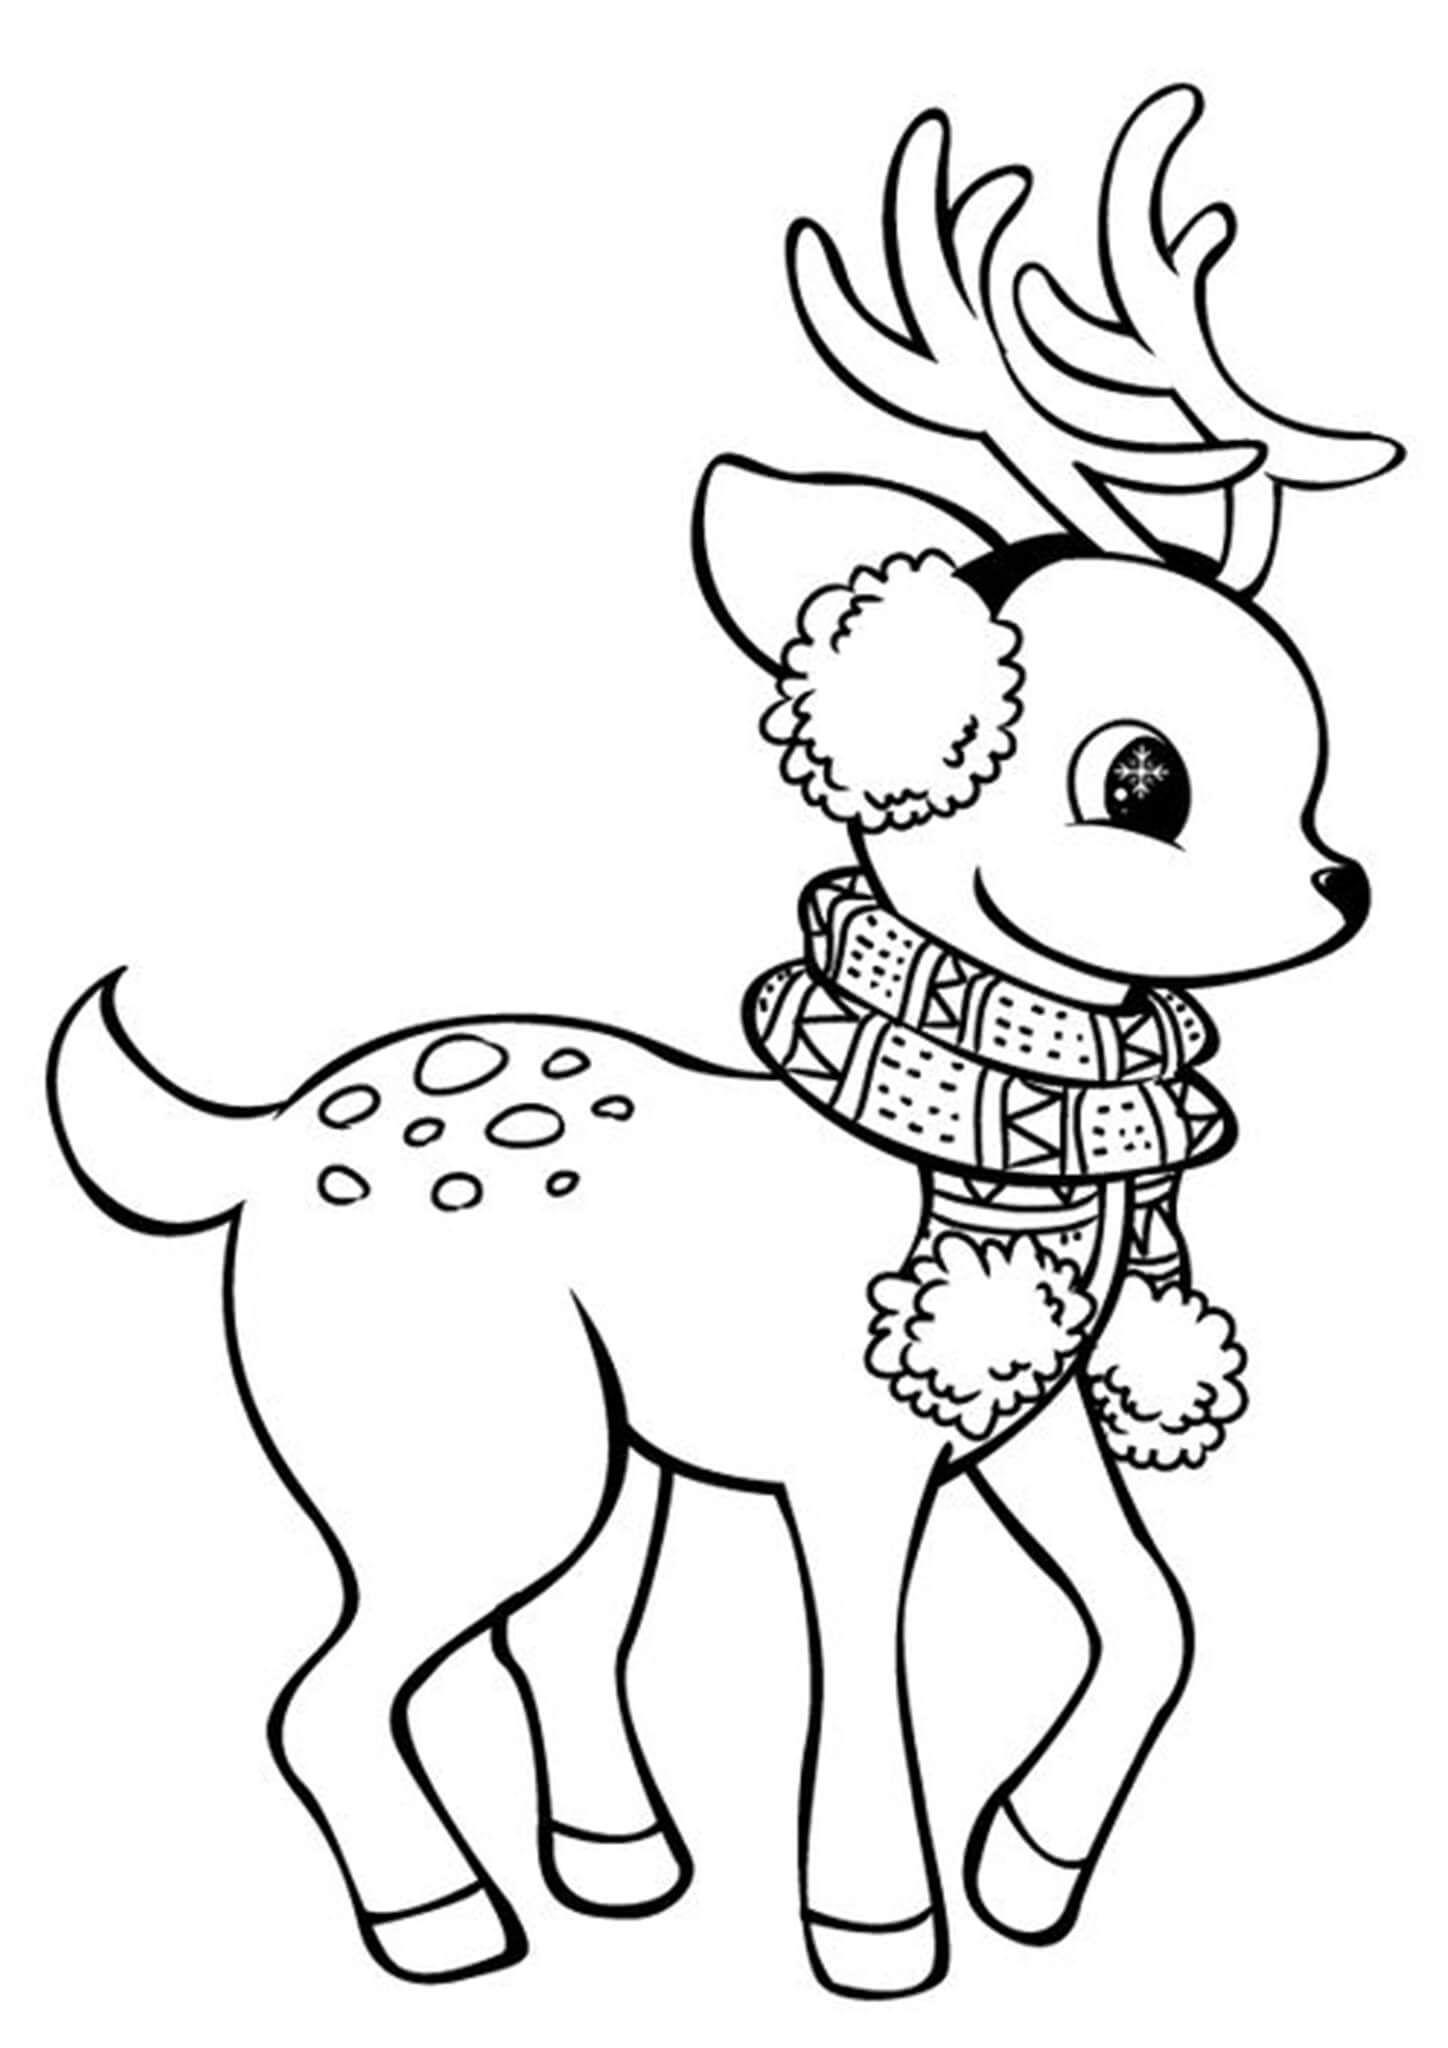 Free Printable Reindeer Coloring Pages  Christmas drawing, Deer